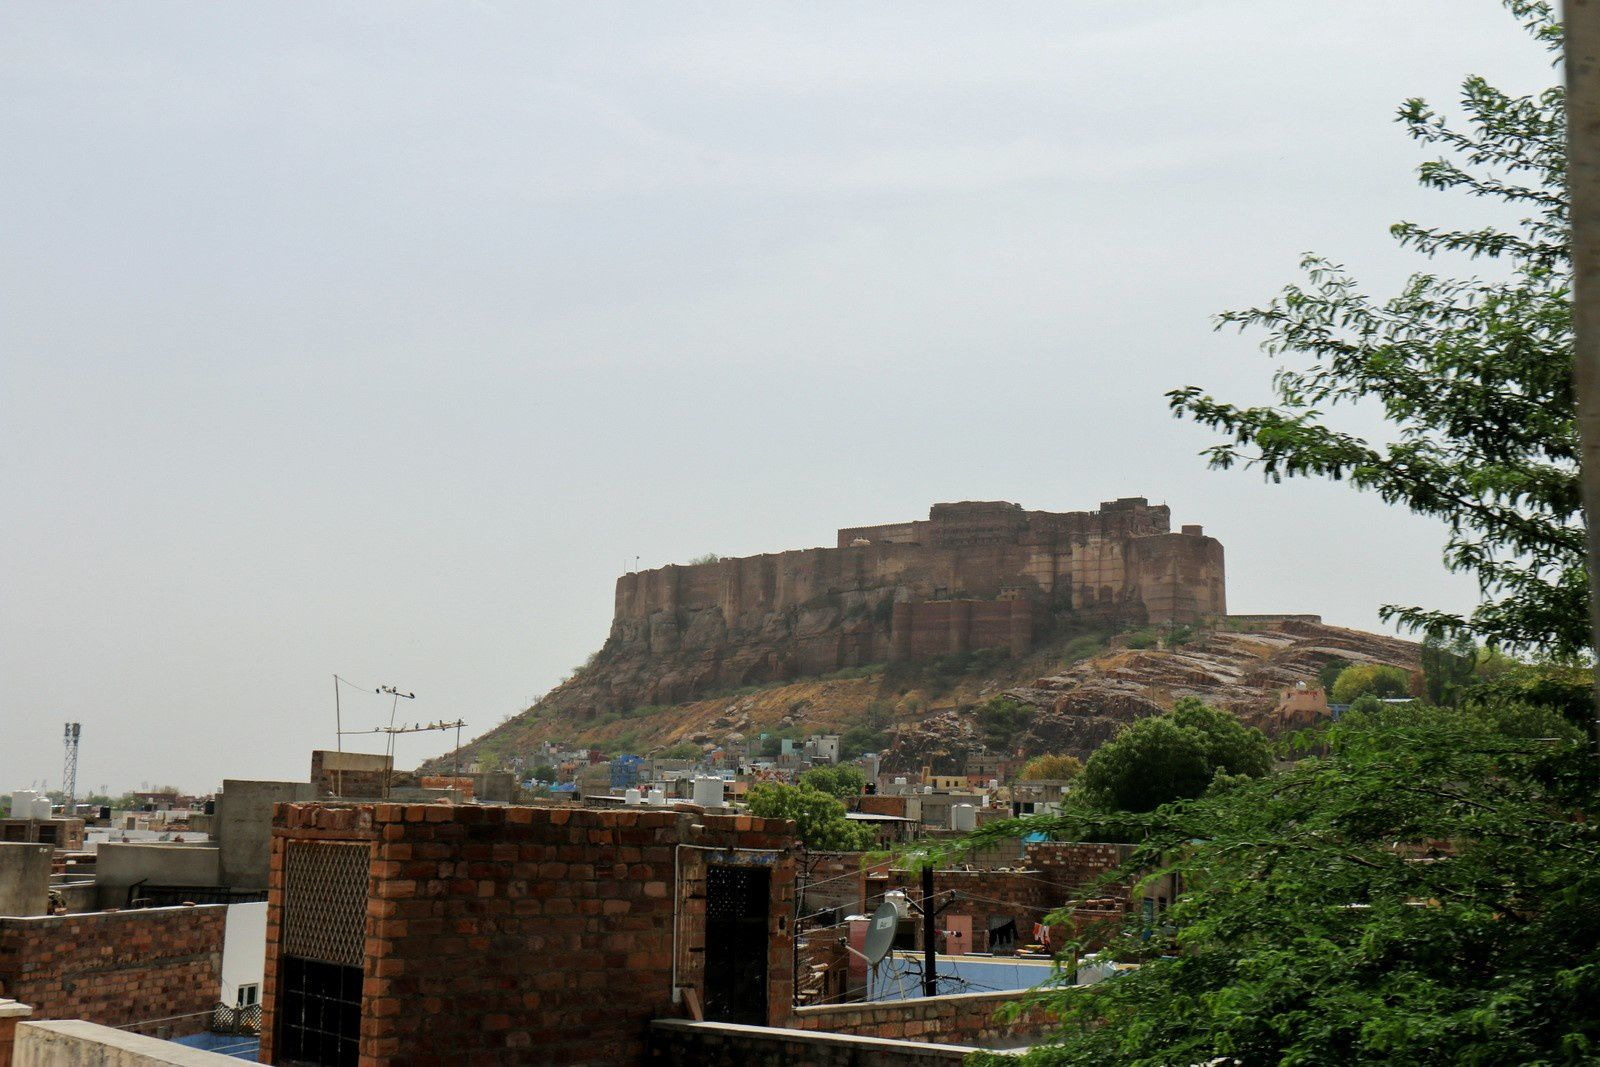 Sur la route entre Jaisaimer et Jodhpur, Rajasthan (Inde)